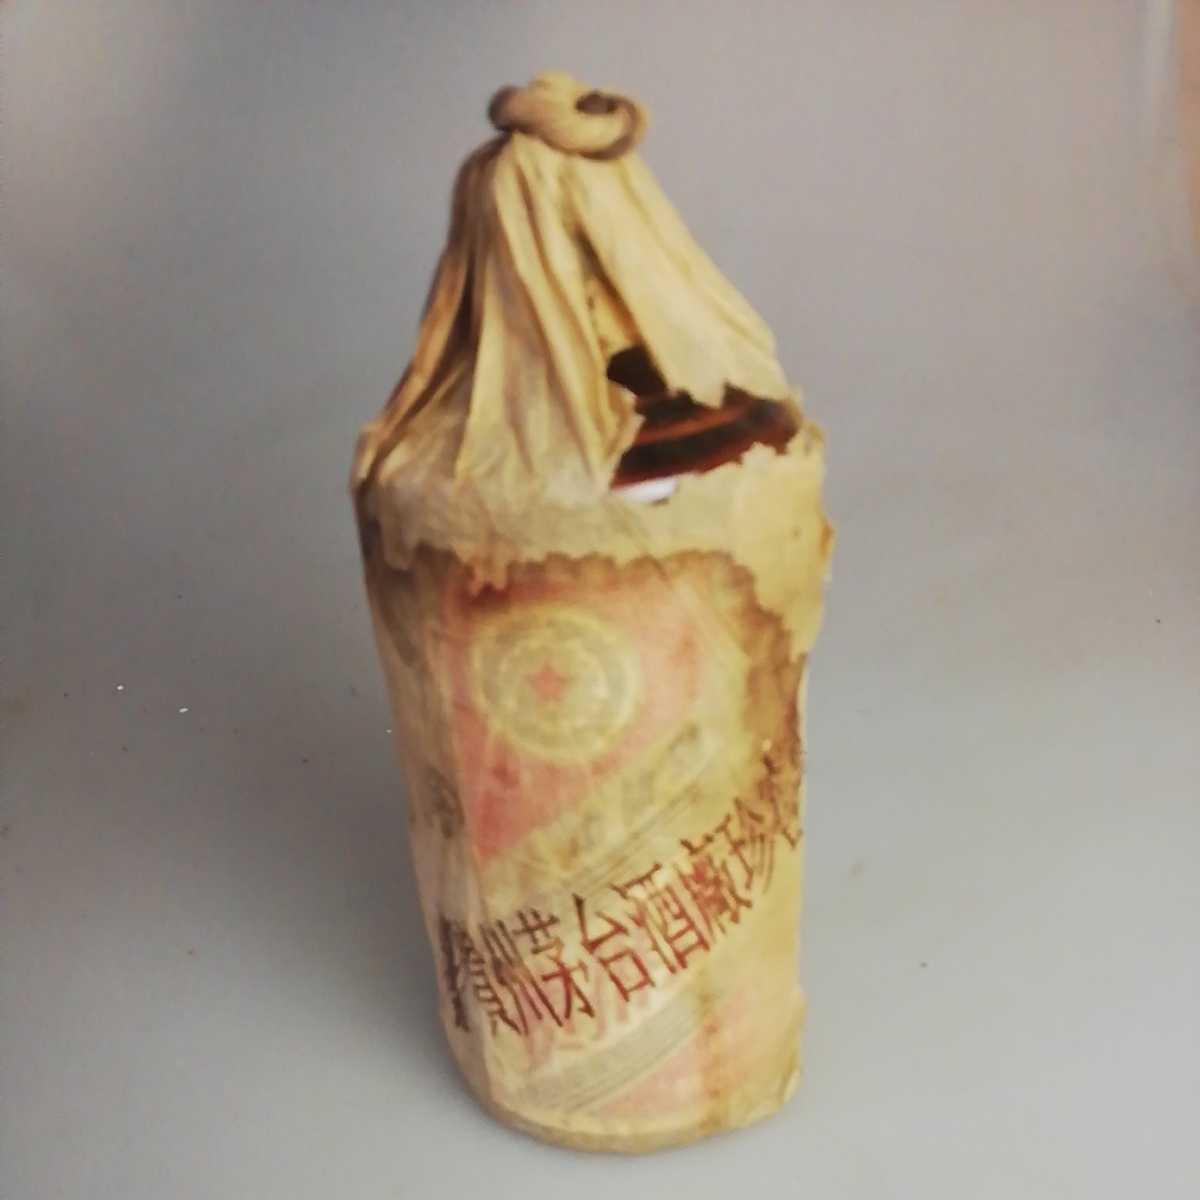 貴州茅台古酒☆マオタイ酒五星麦穗ラべル☆1978年☆未開栓陶瓶送料無料